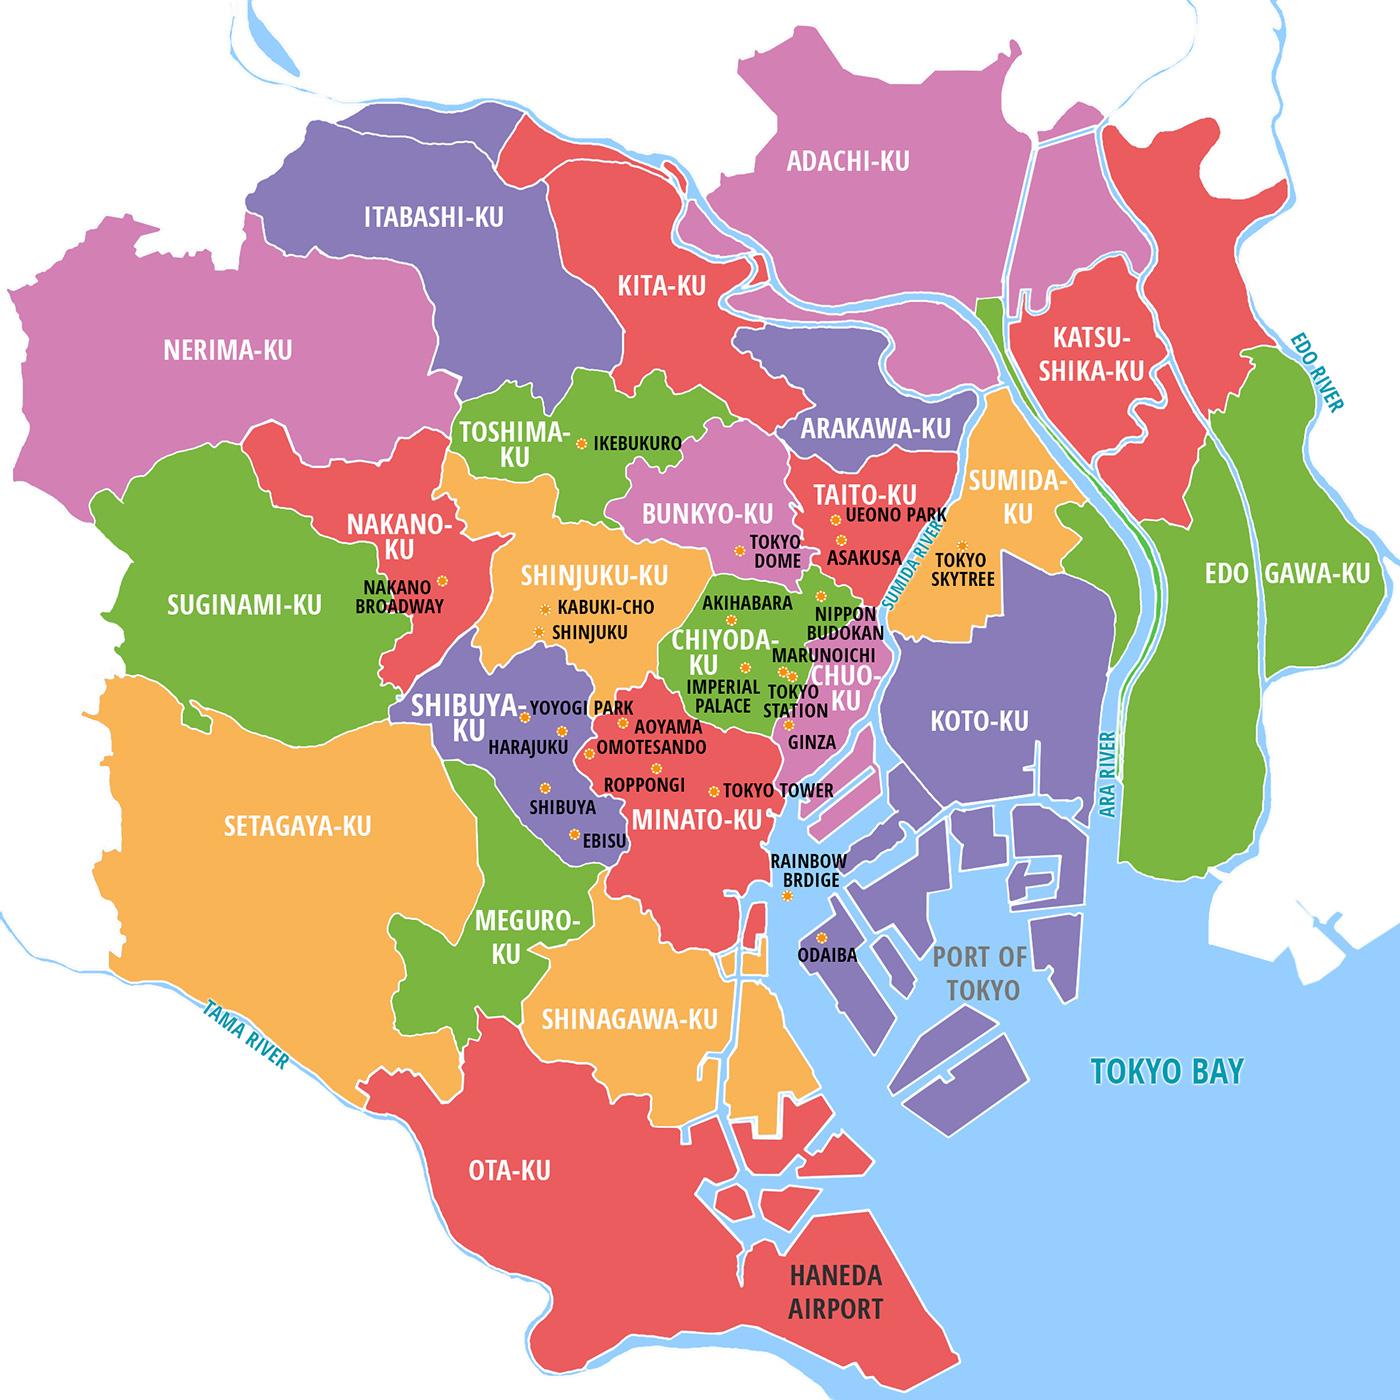 23 special wards in the Tokyo Metropolis